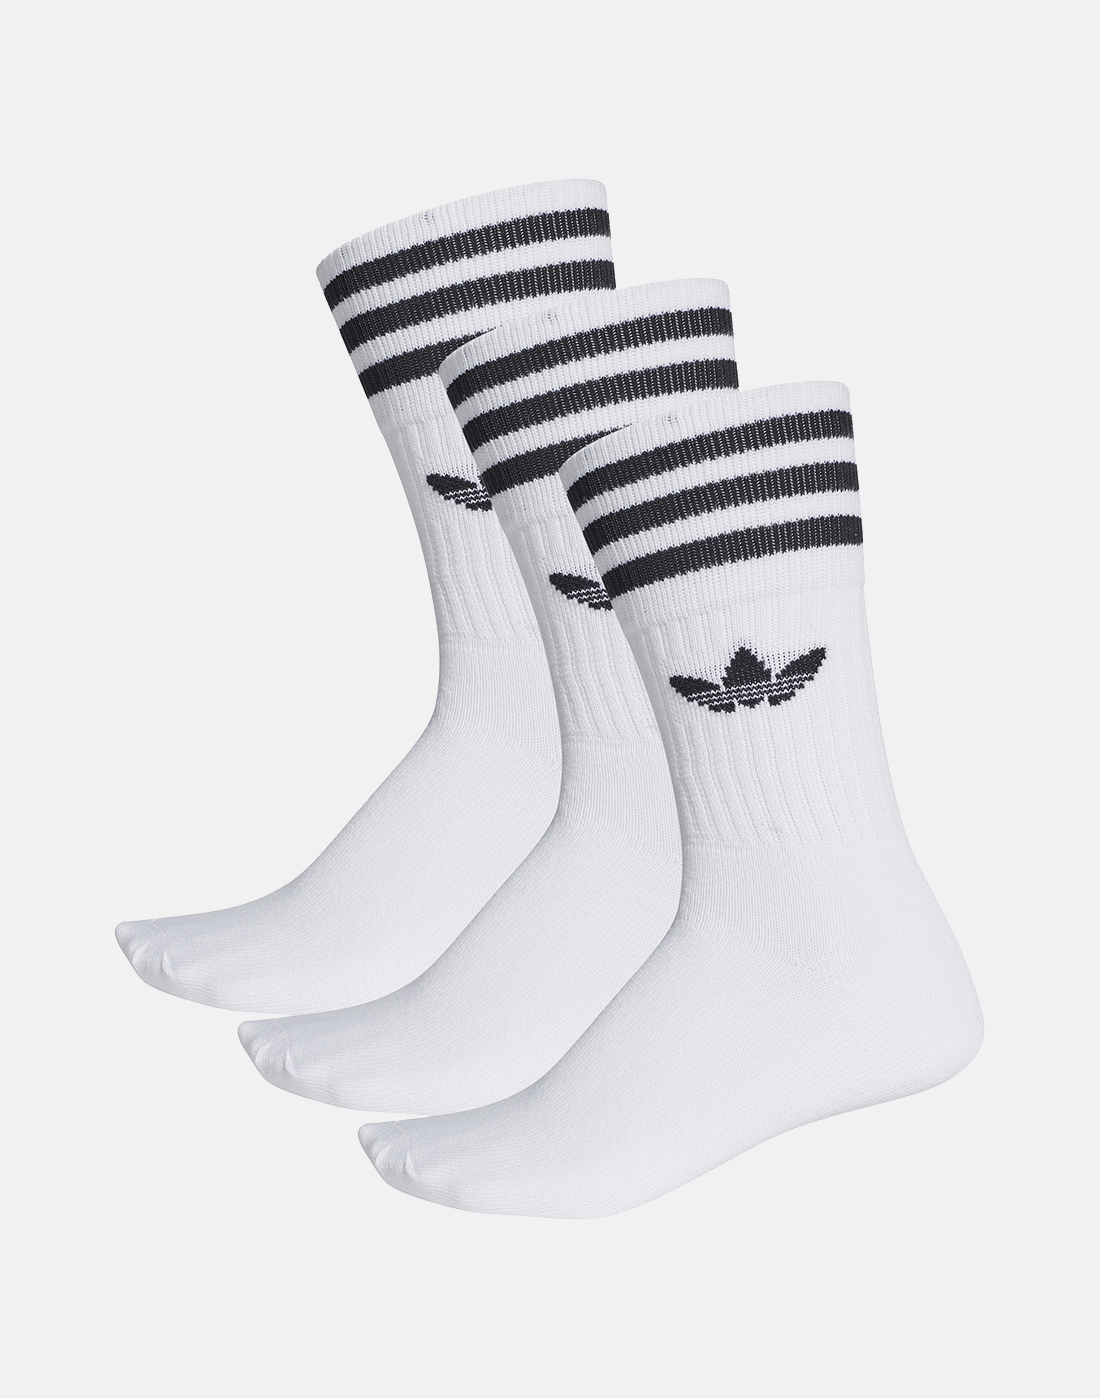 8c40214924ec0a adidas Originals Mens Trefoil Socks